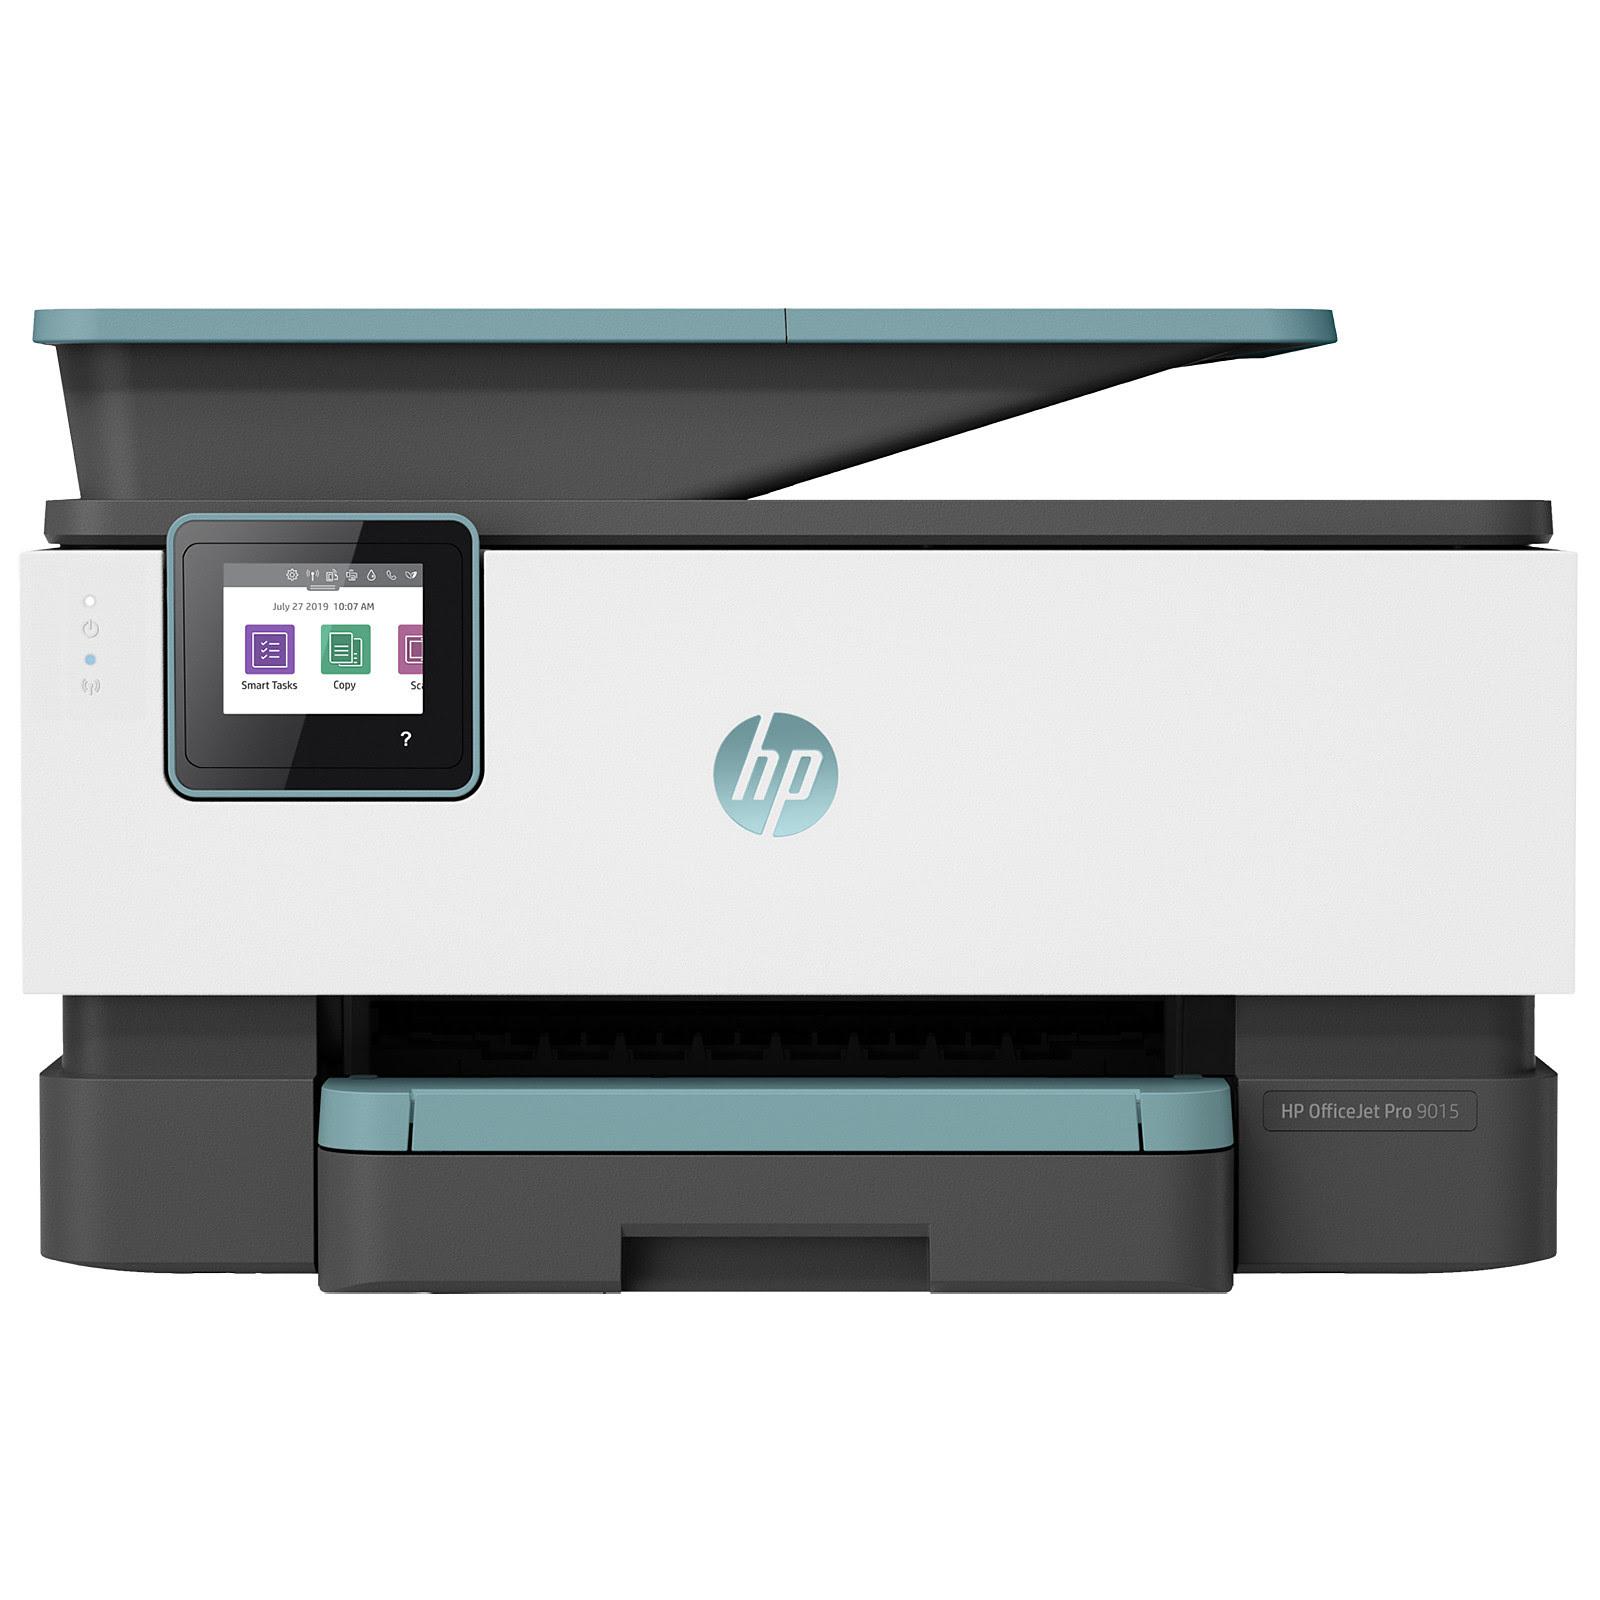 Imprimante multifonction HP OfficeJet Pro 9015 - Cybertek.fr - 0